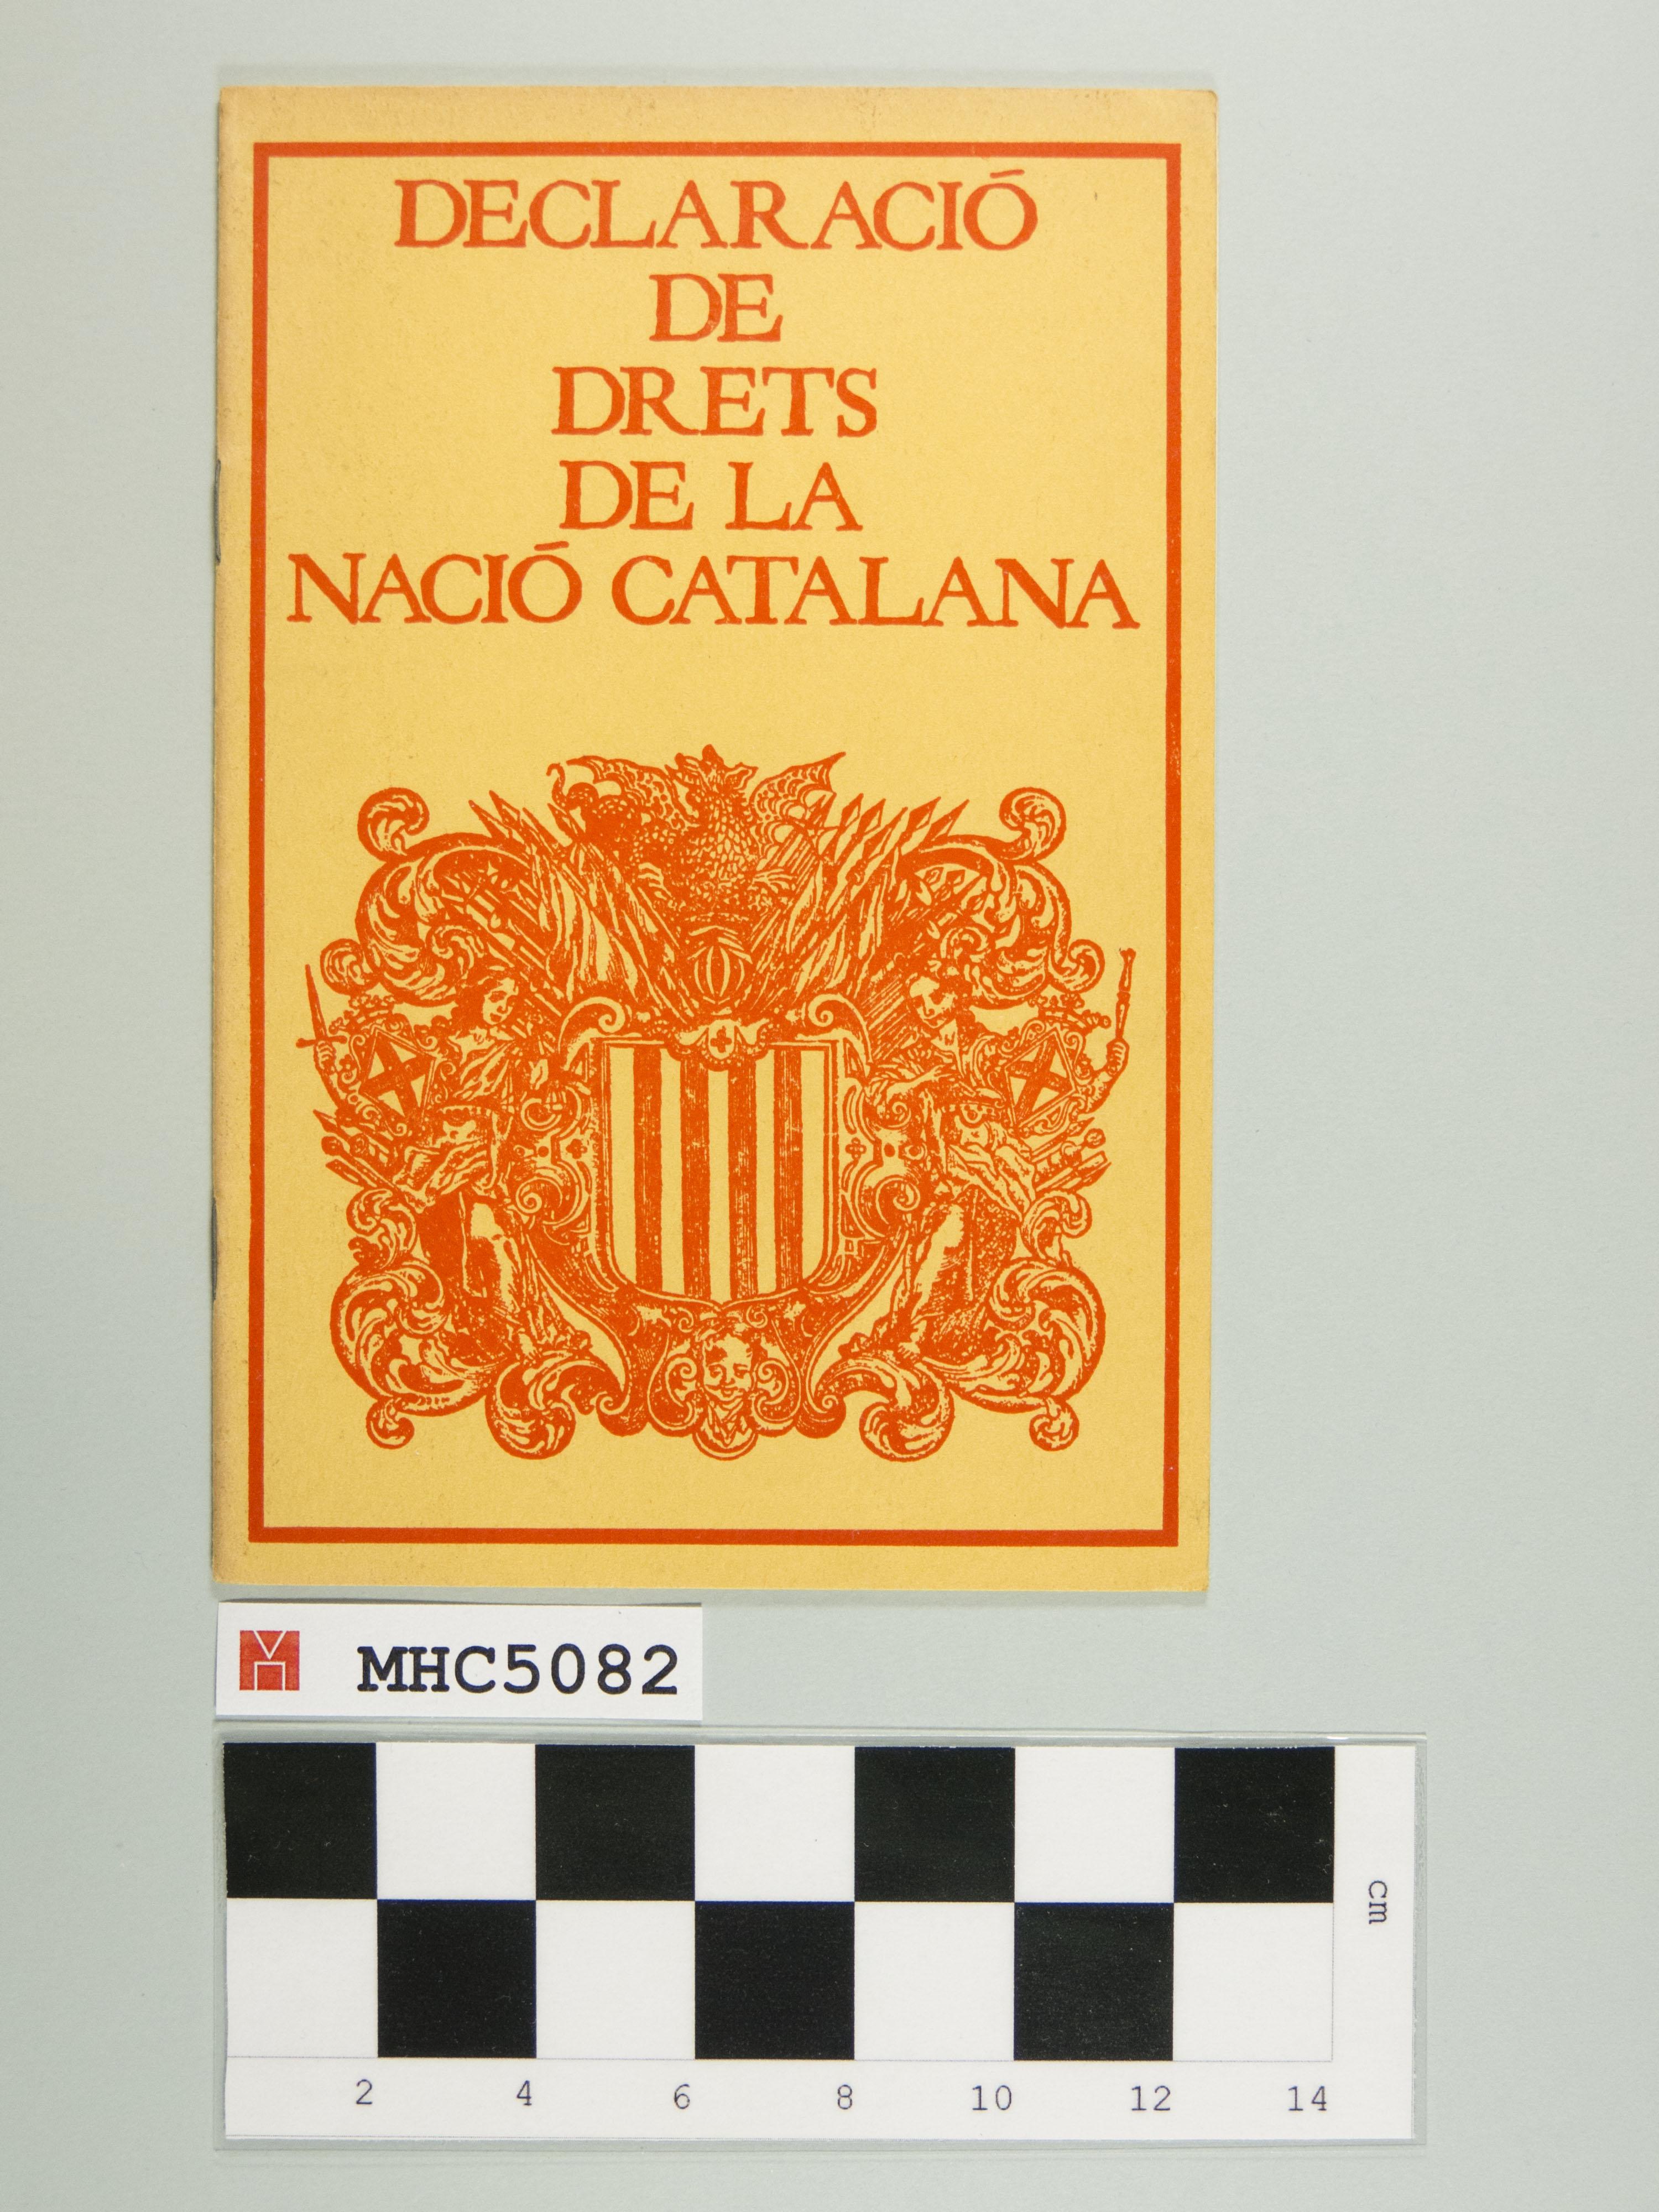 Declaració de drets de la nació catalana.